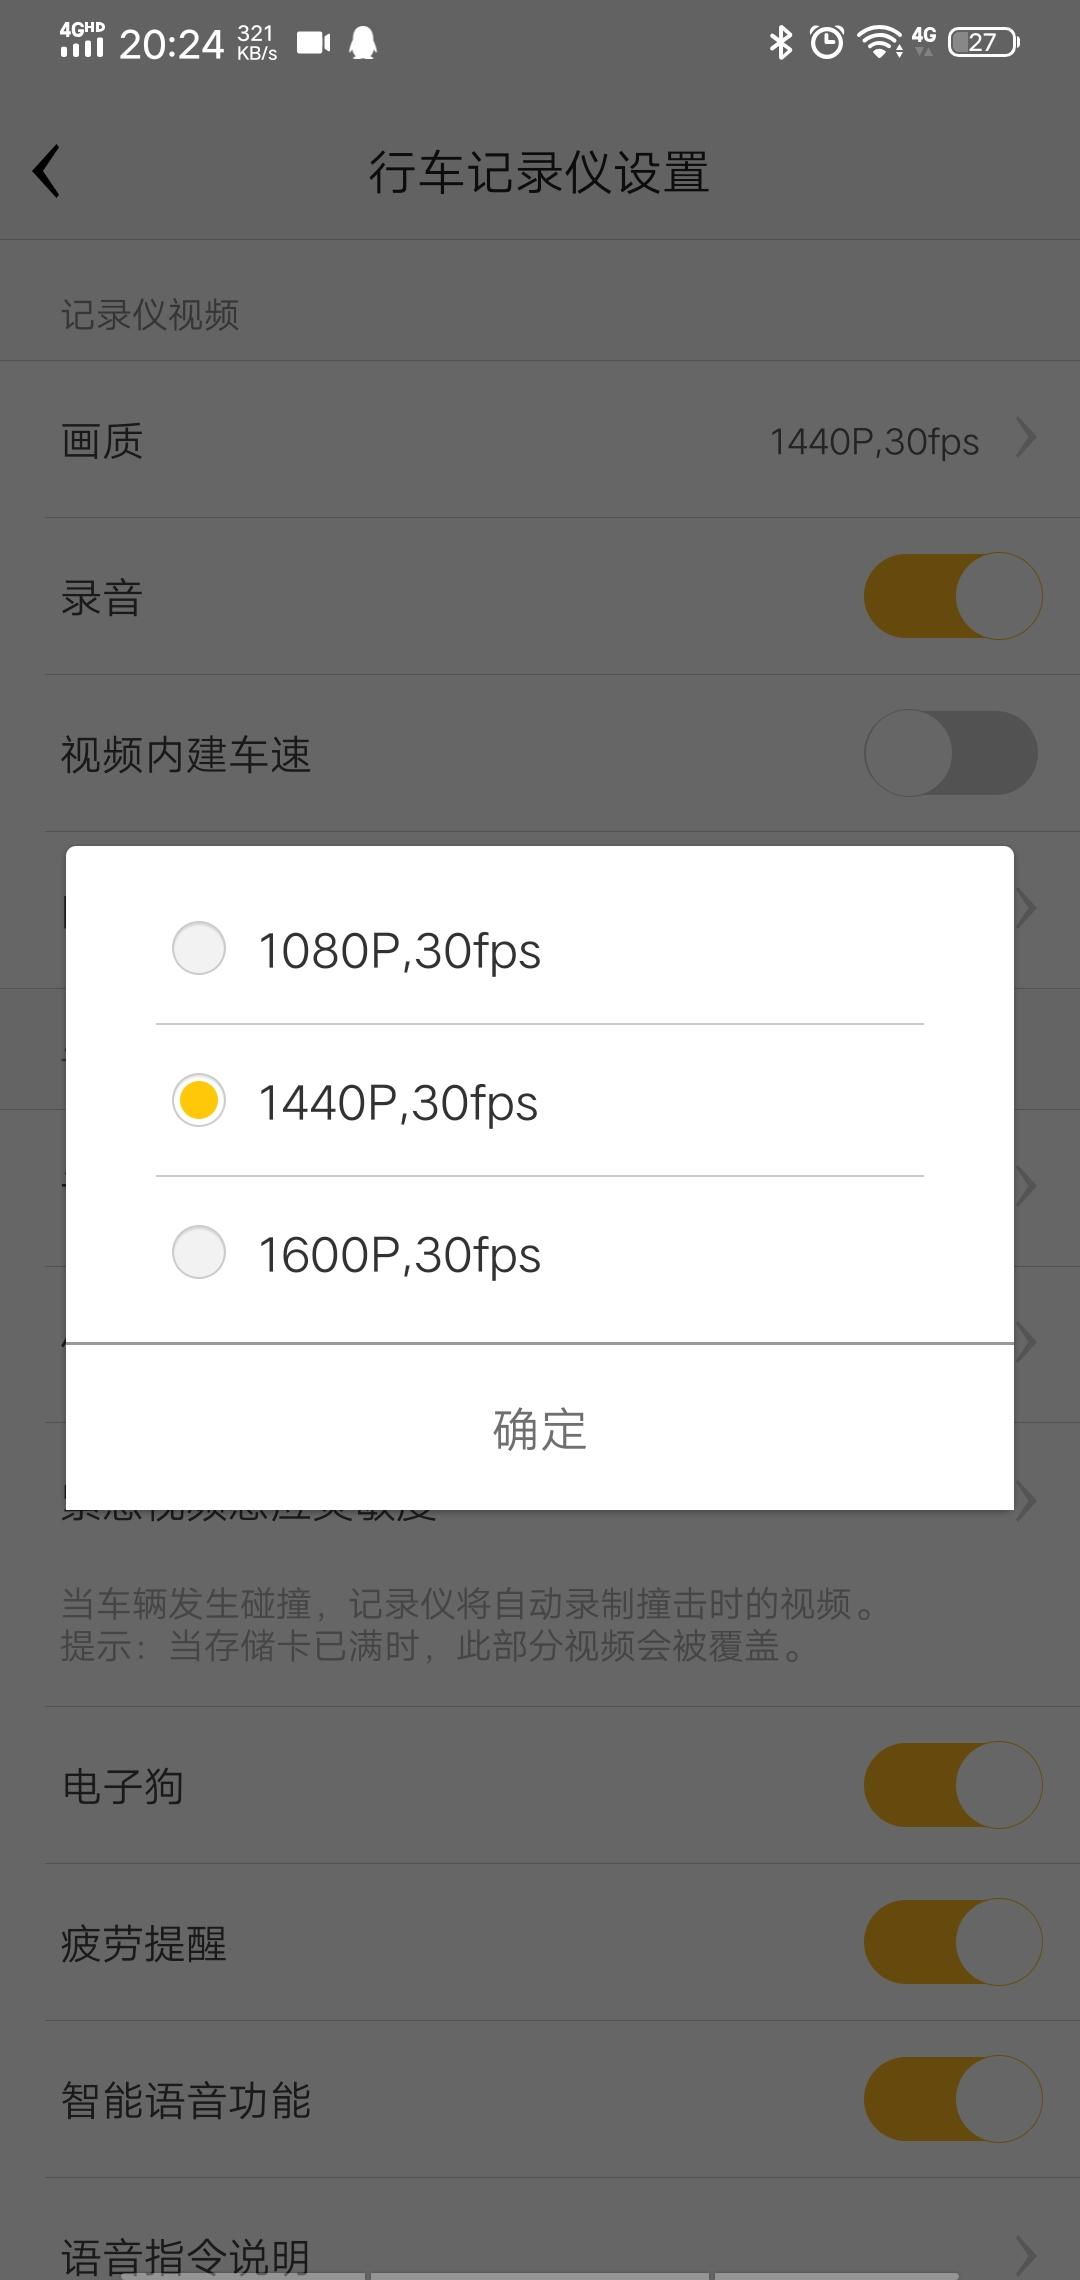 Screenshot_20191221_202436.jpg